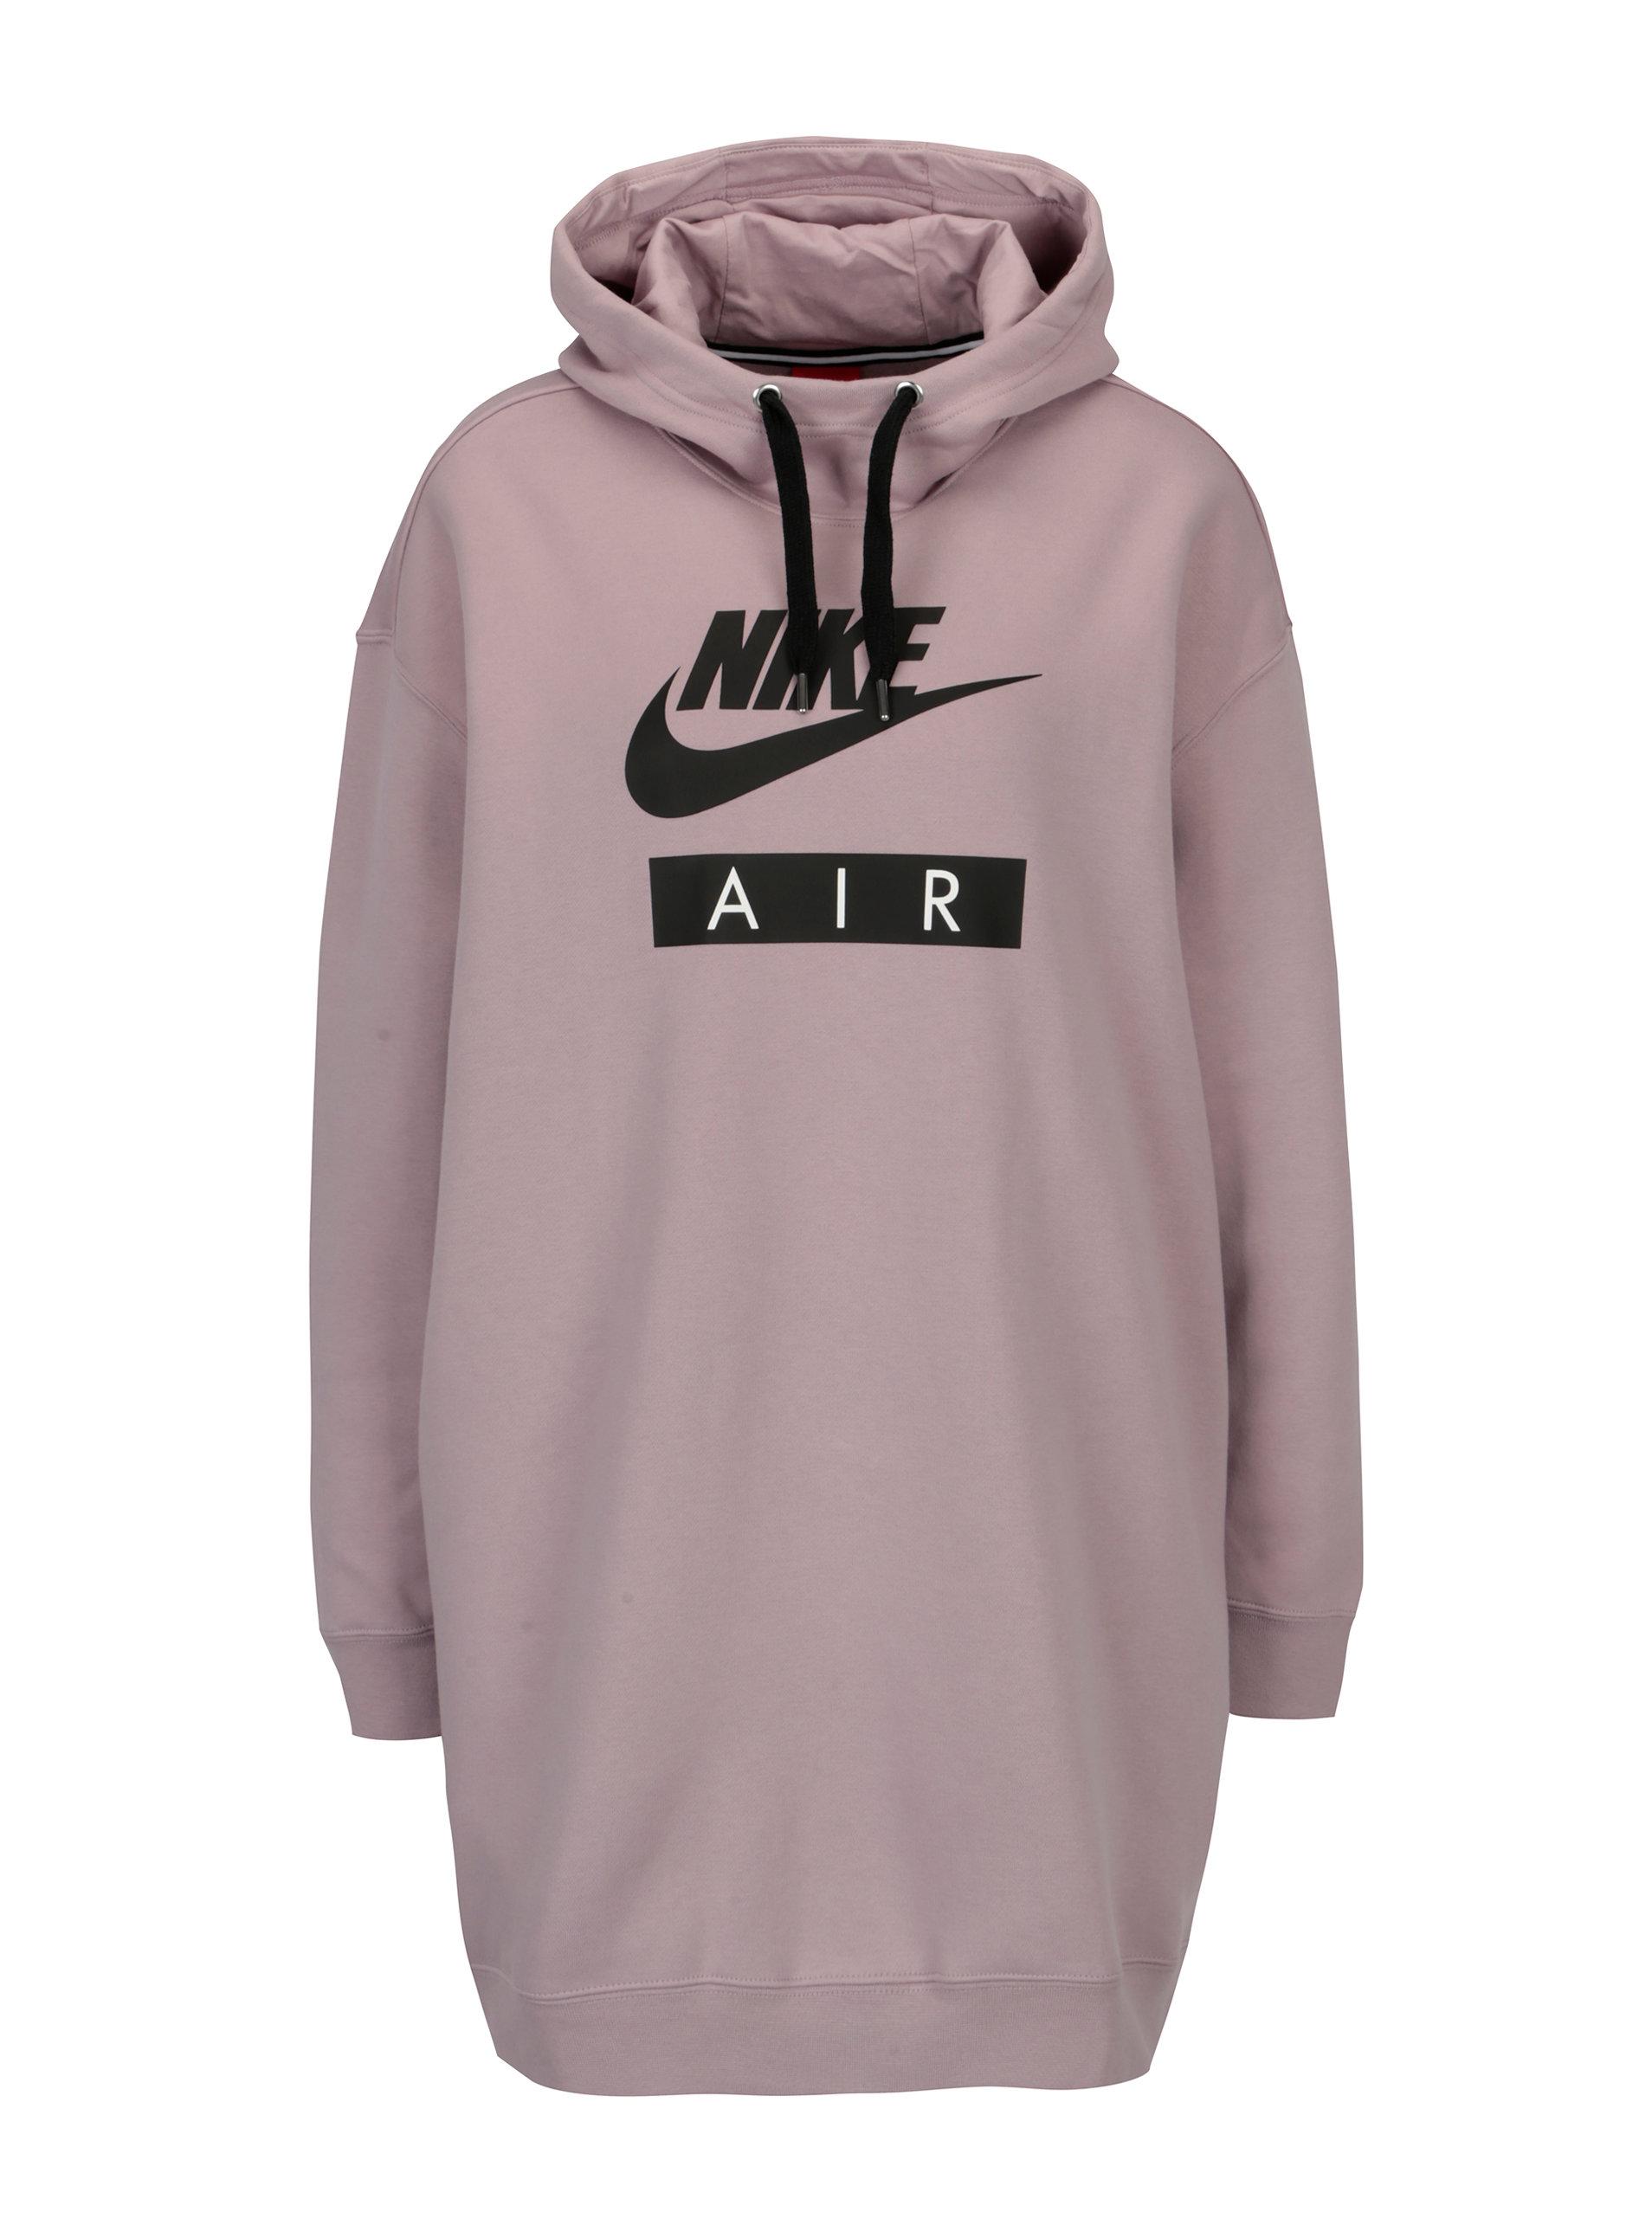 8eb6f57ff3d0 Světle fialová dámská dlouhá mikina s kapucí Nike ...